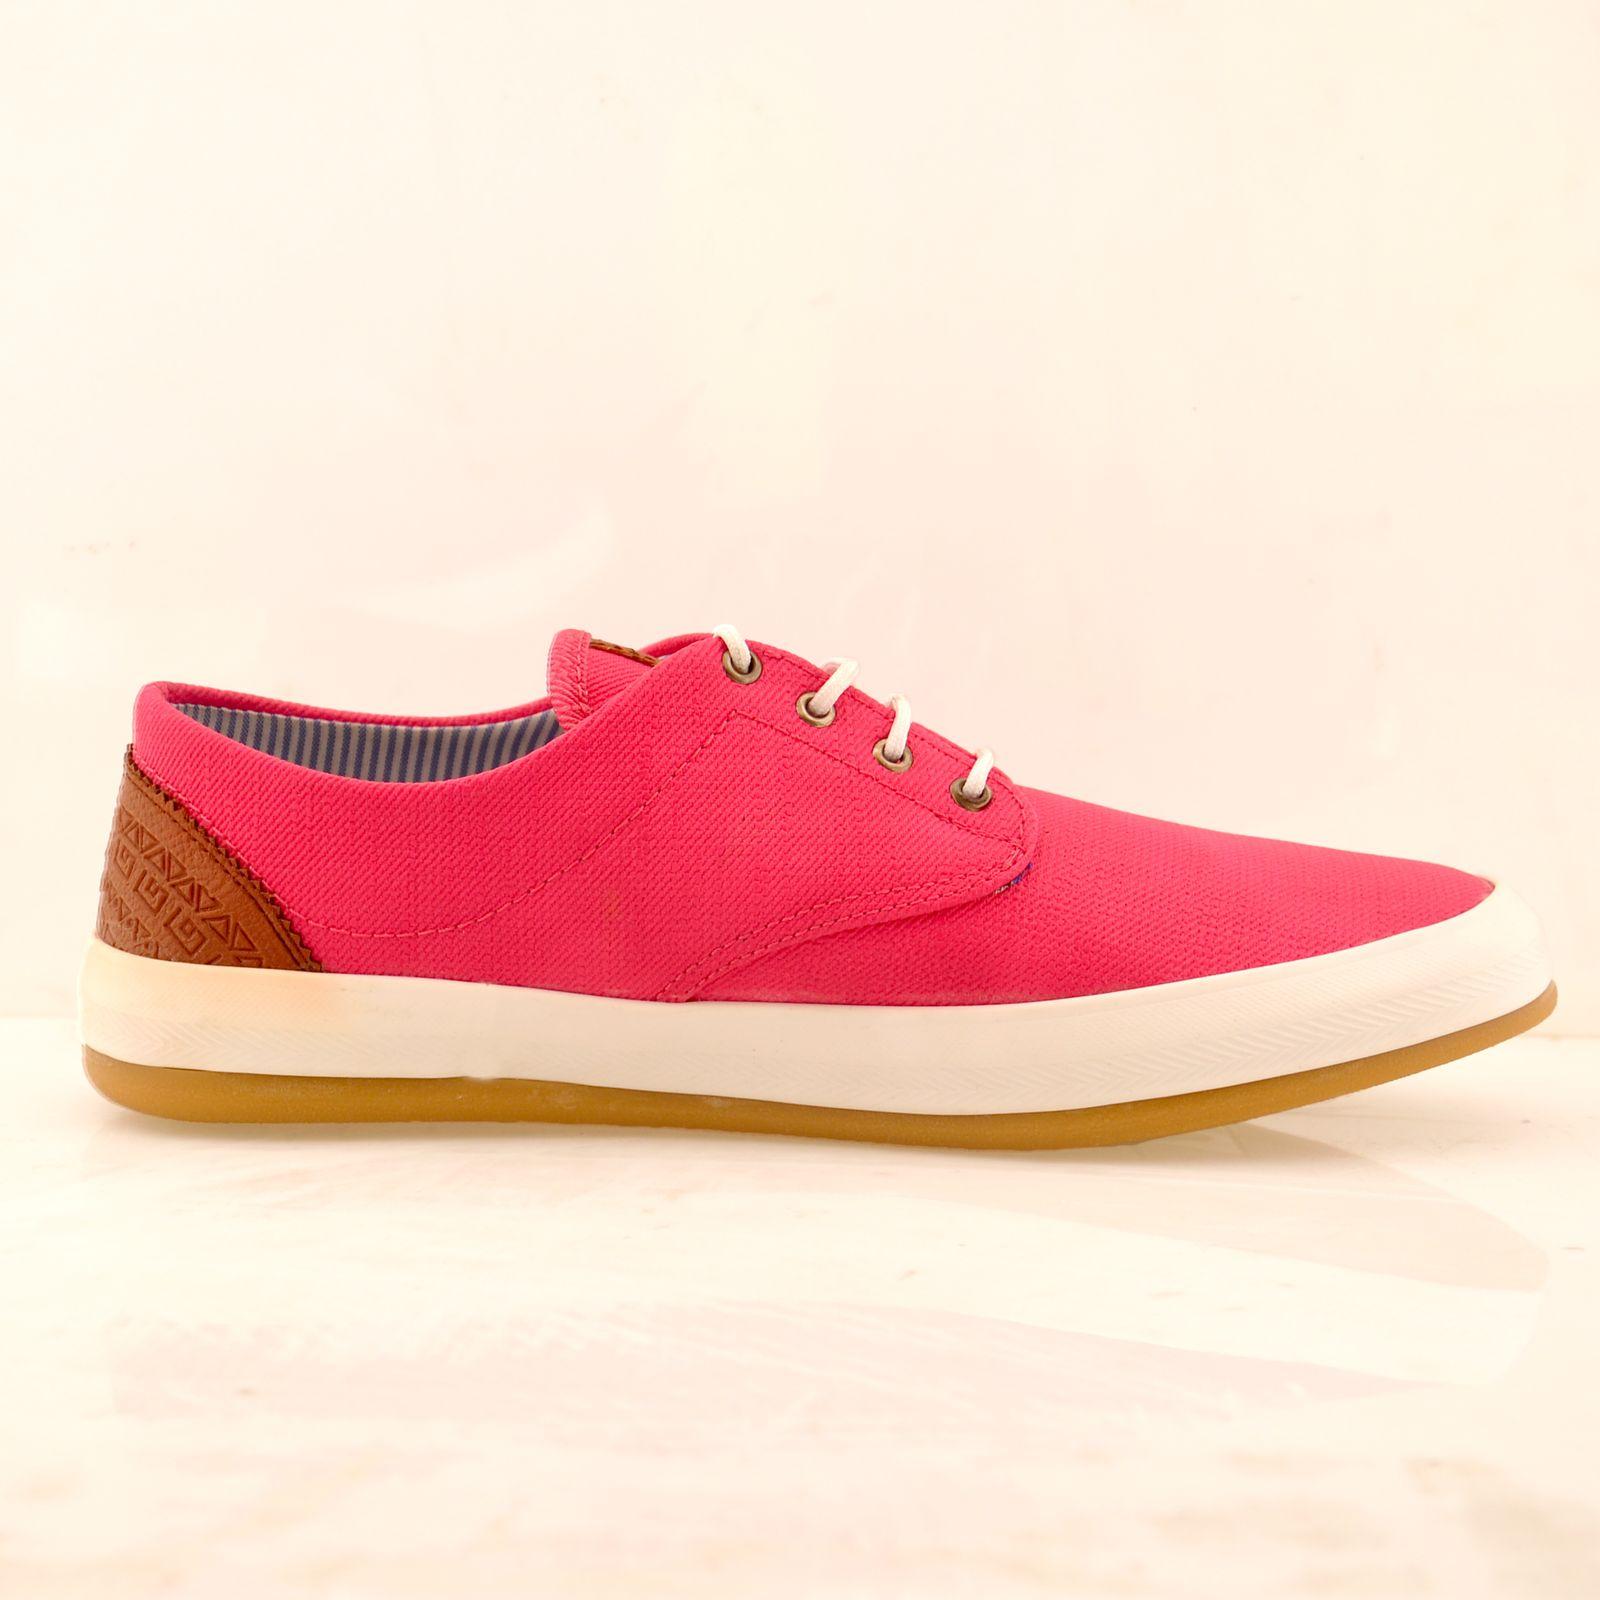 کفش روزمره زنانه کد tr900 main 1 3